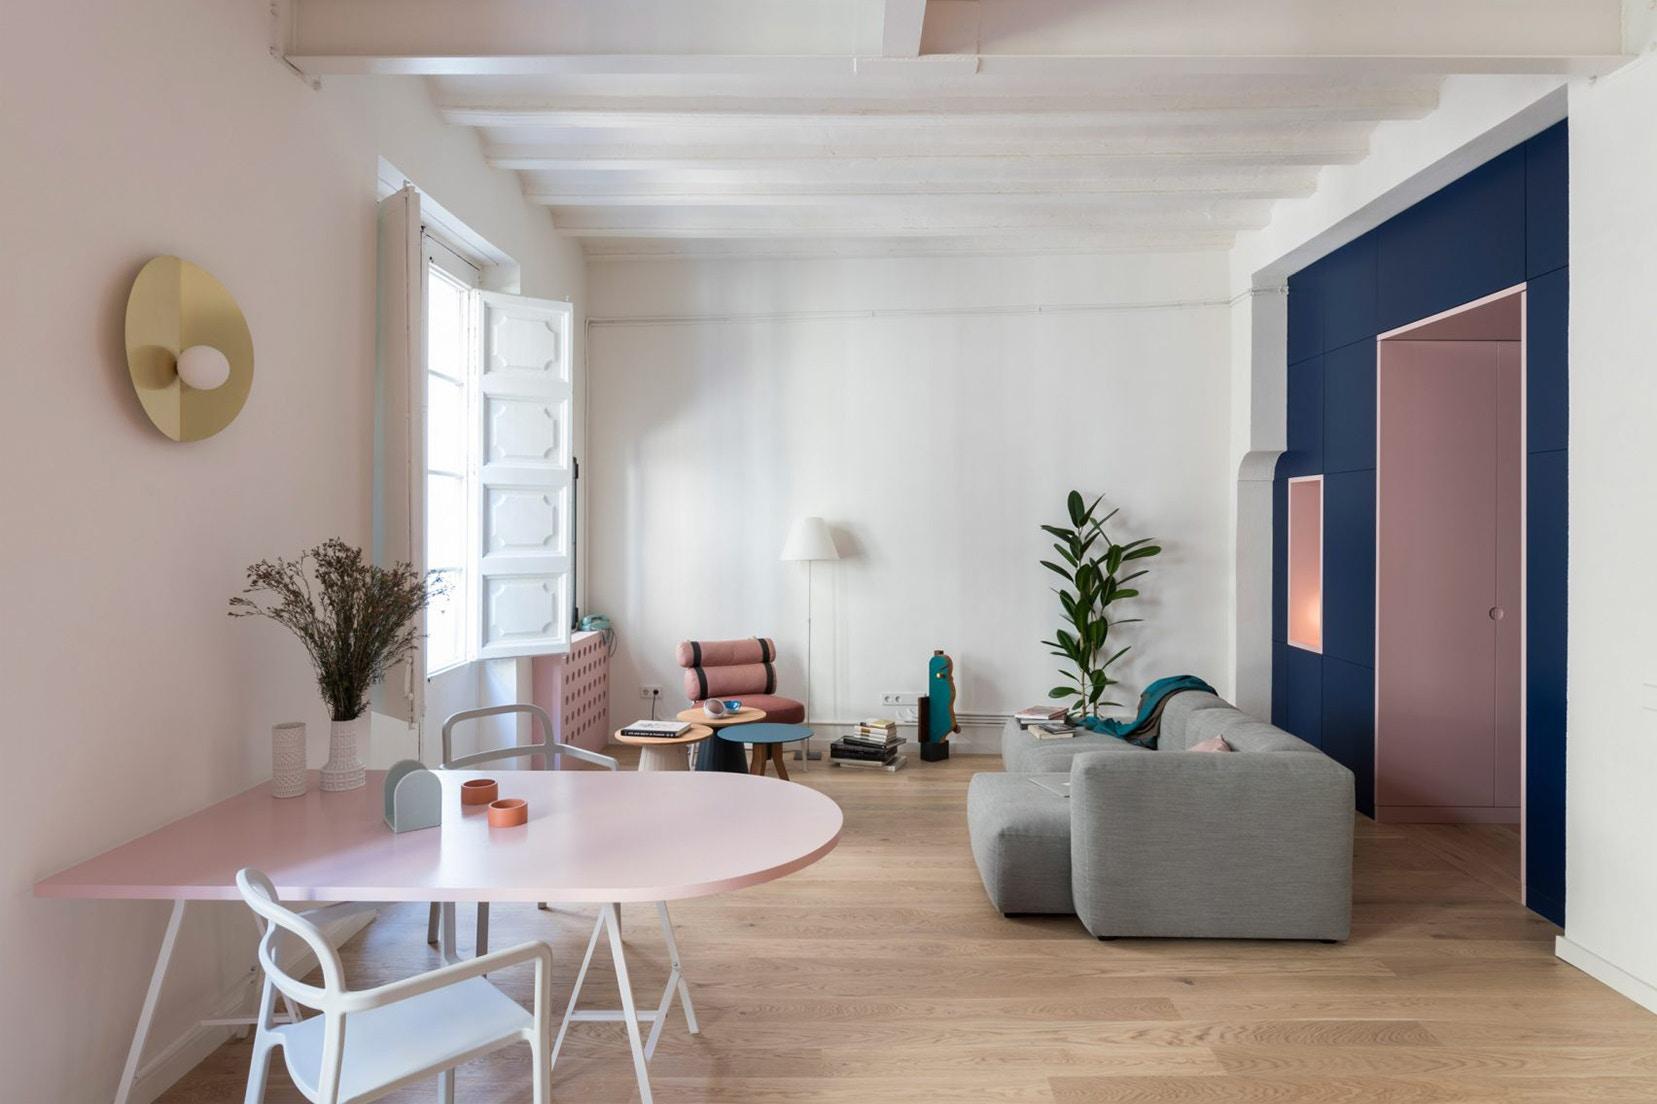 colombo-serboli-architecture-barcelona-apartment-3